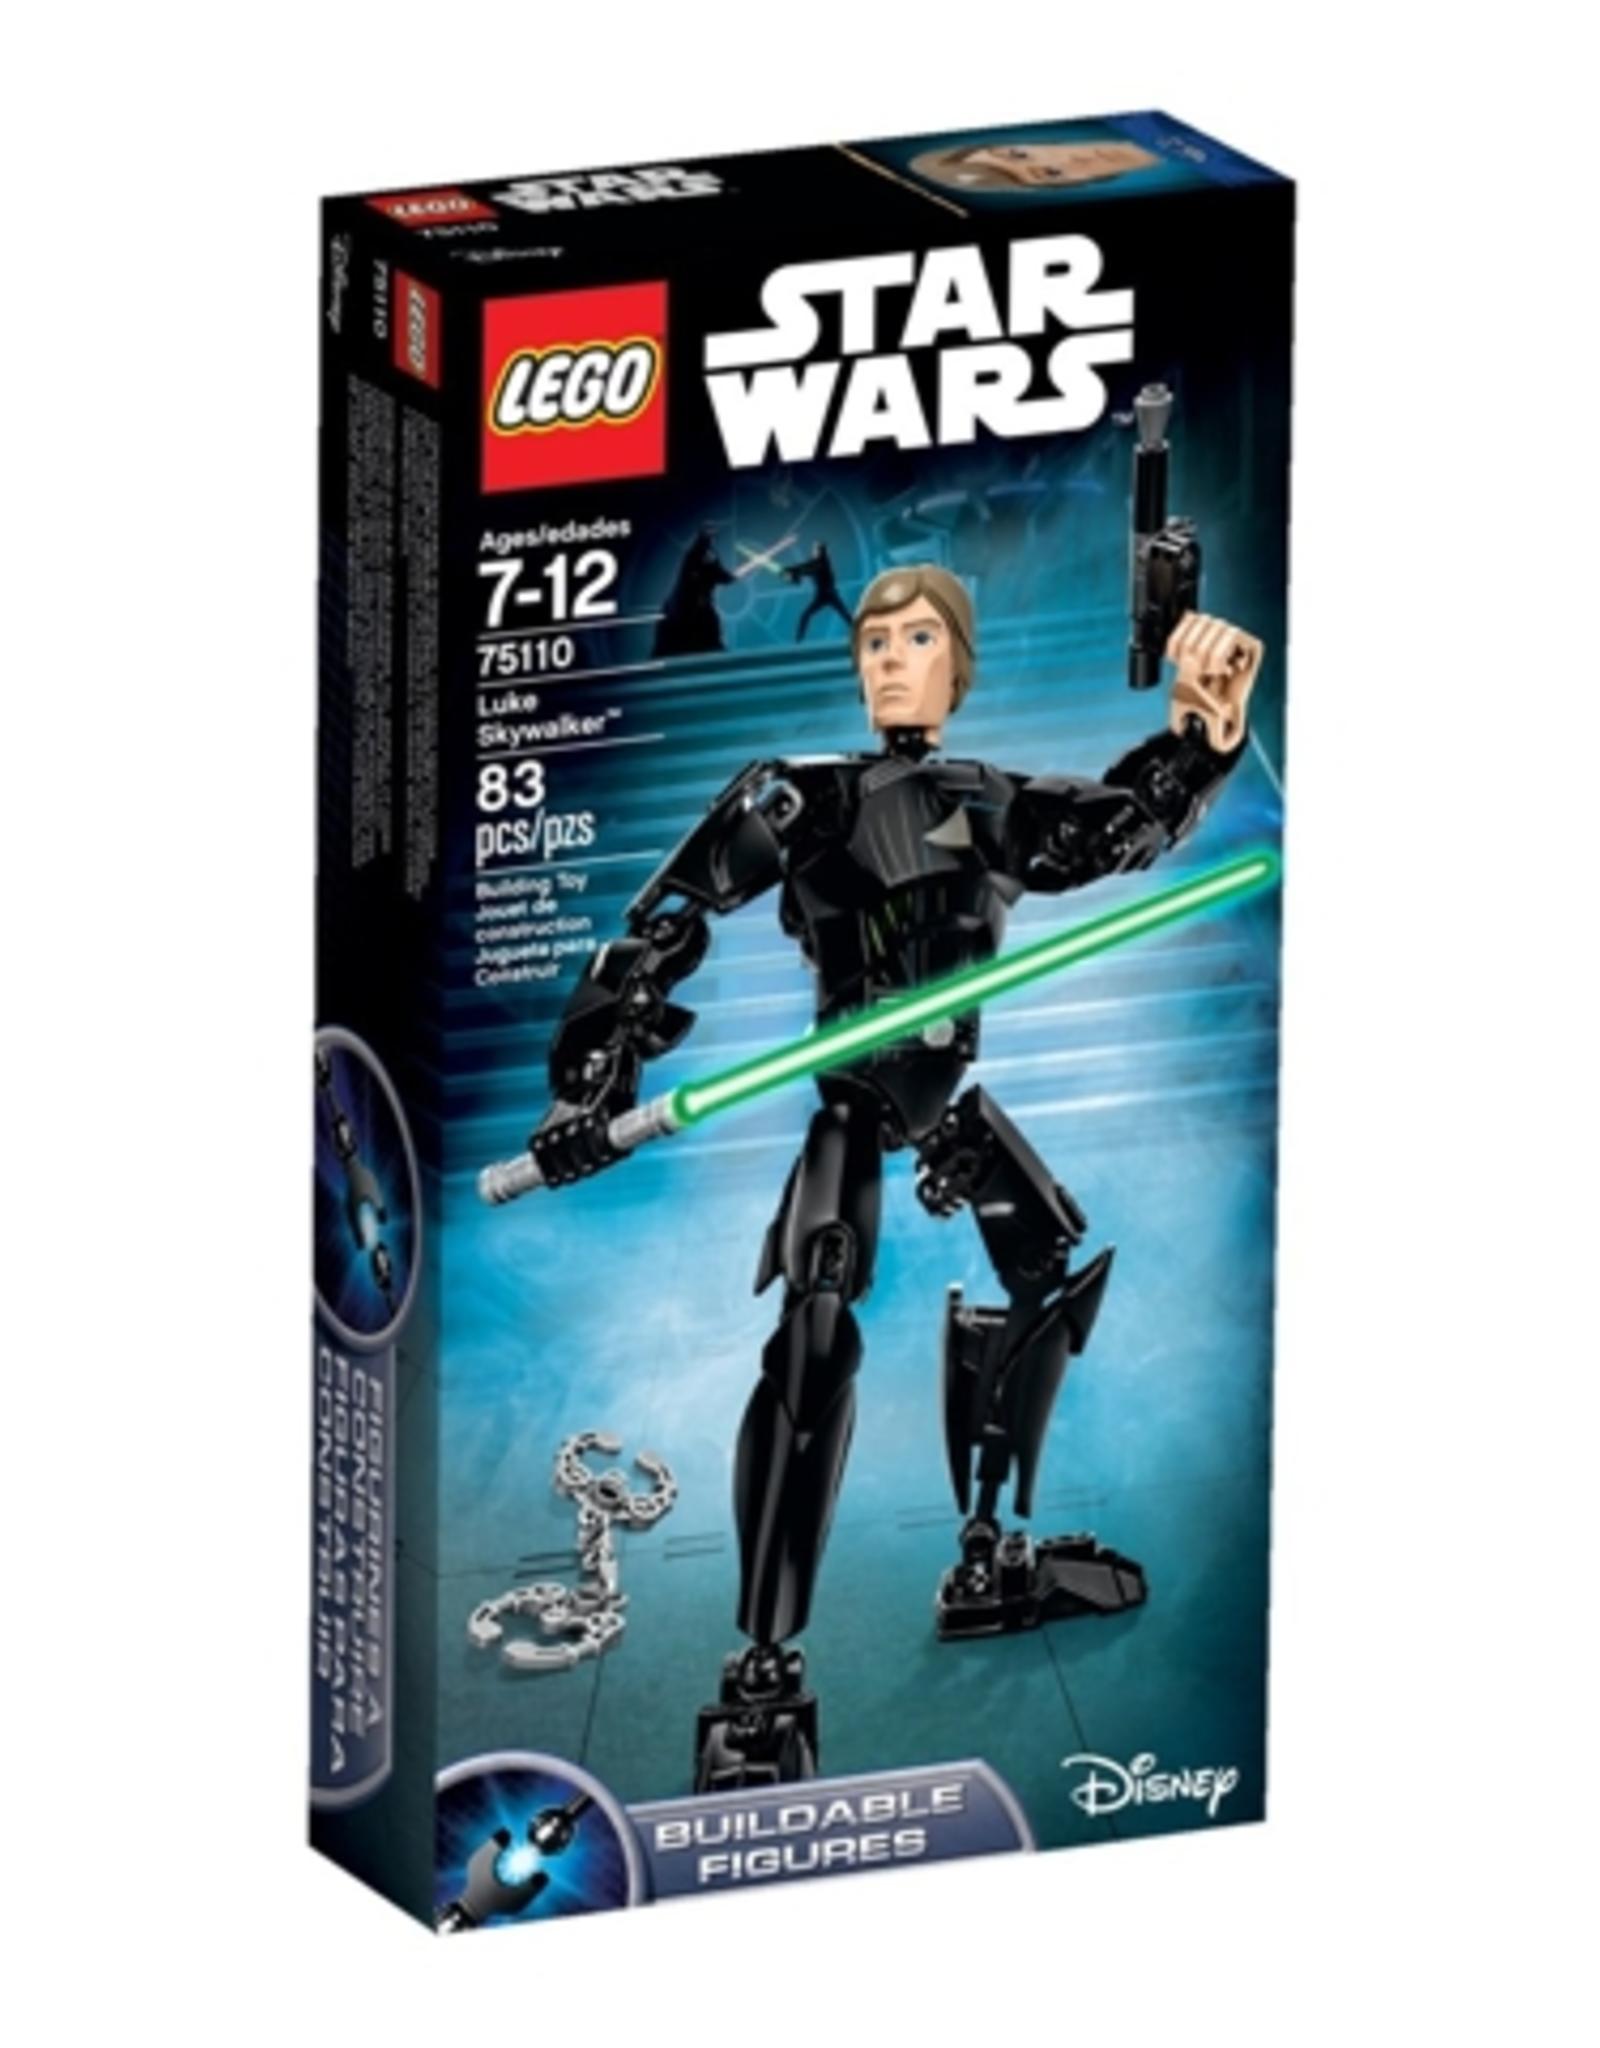 LEGO LEGO 75110 Luke Skywalker STAR WARS